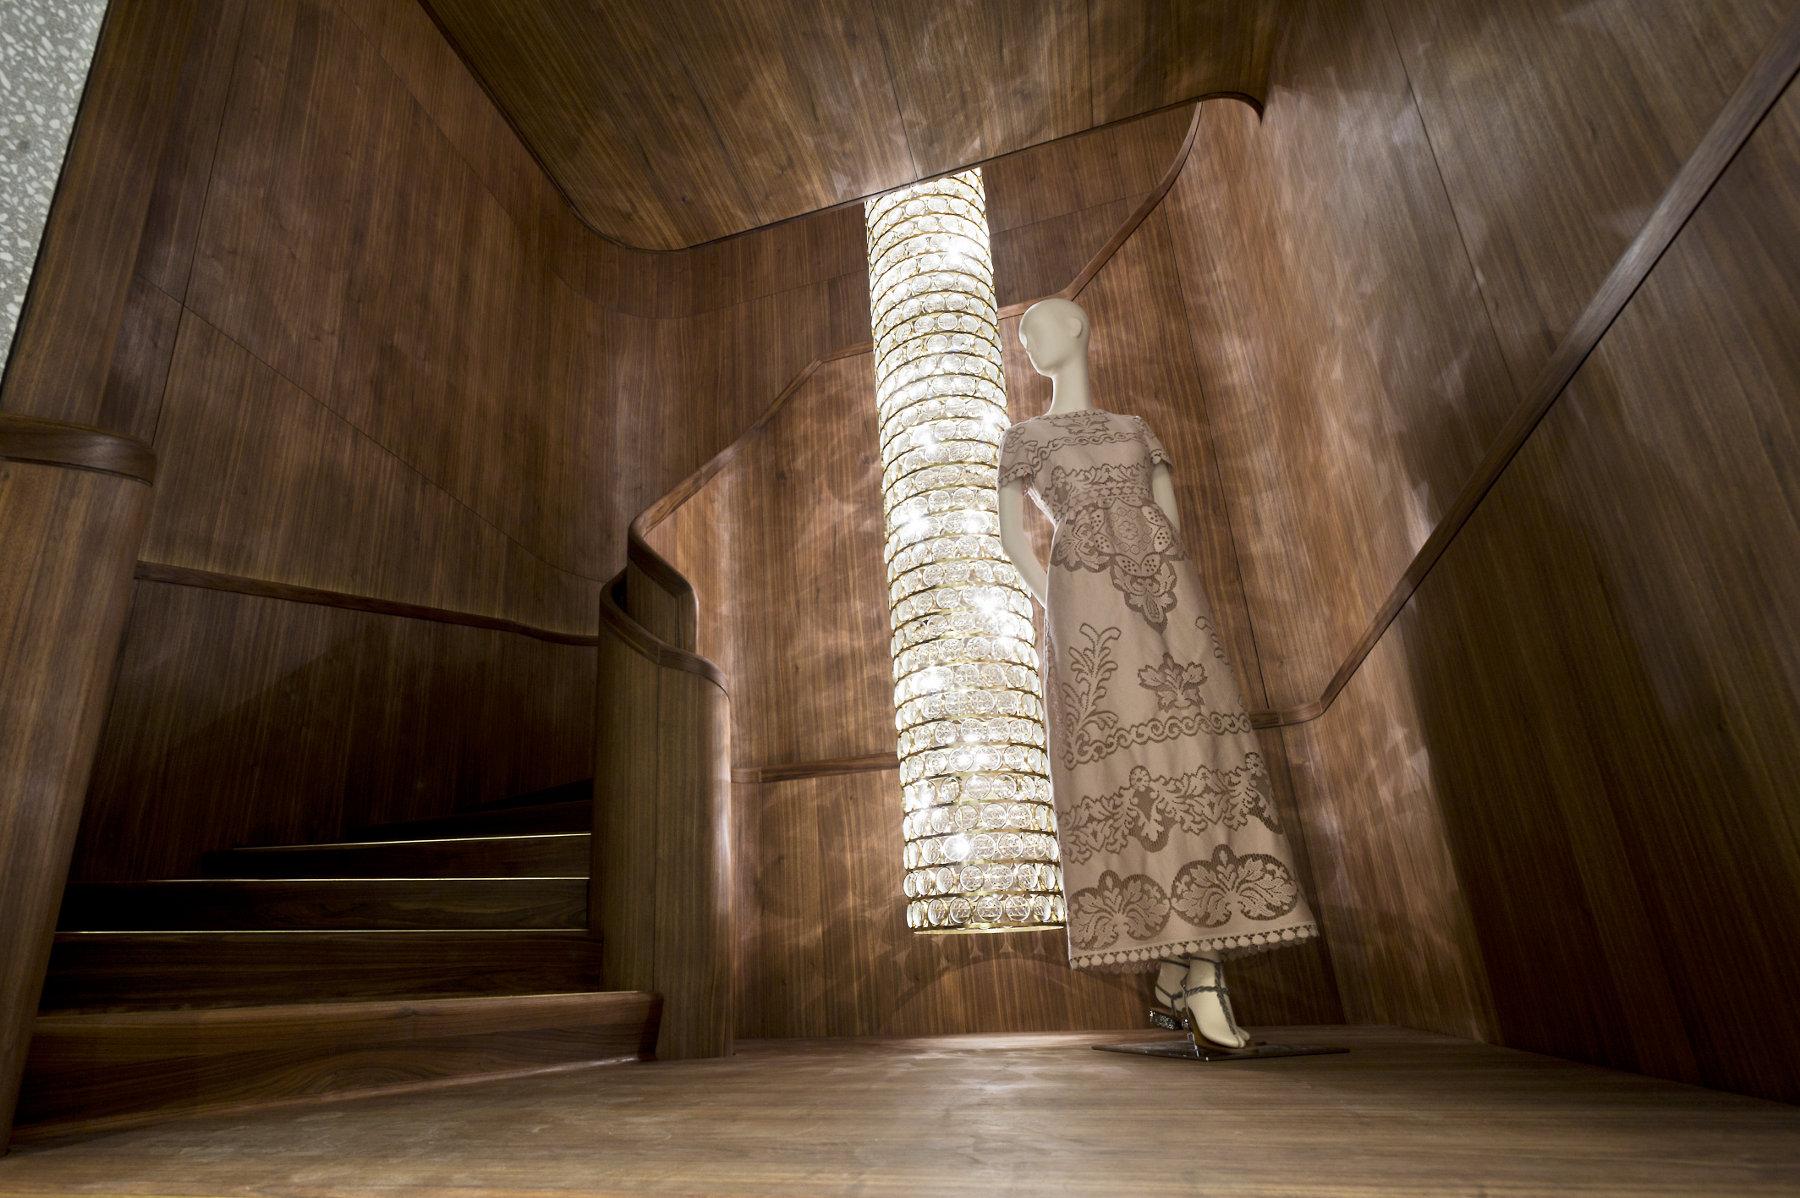 Valentino - New Store Concept - Via Montenapoleone Milano